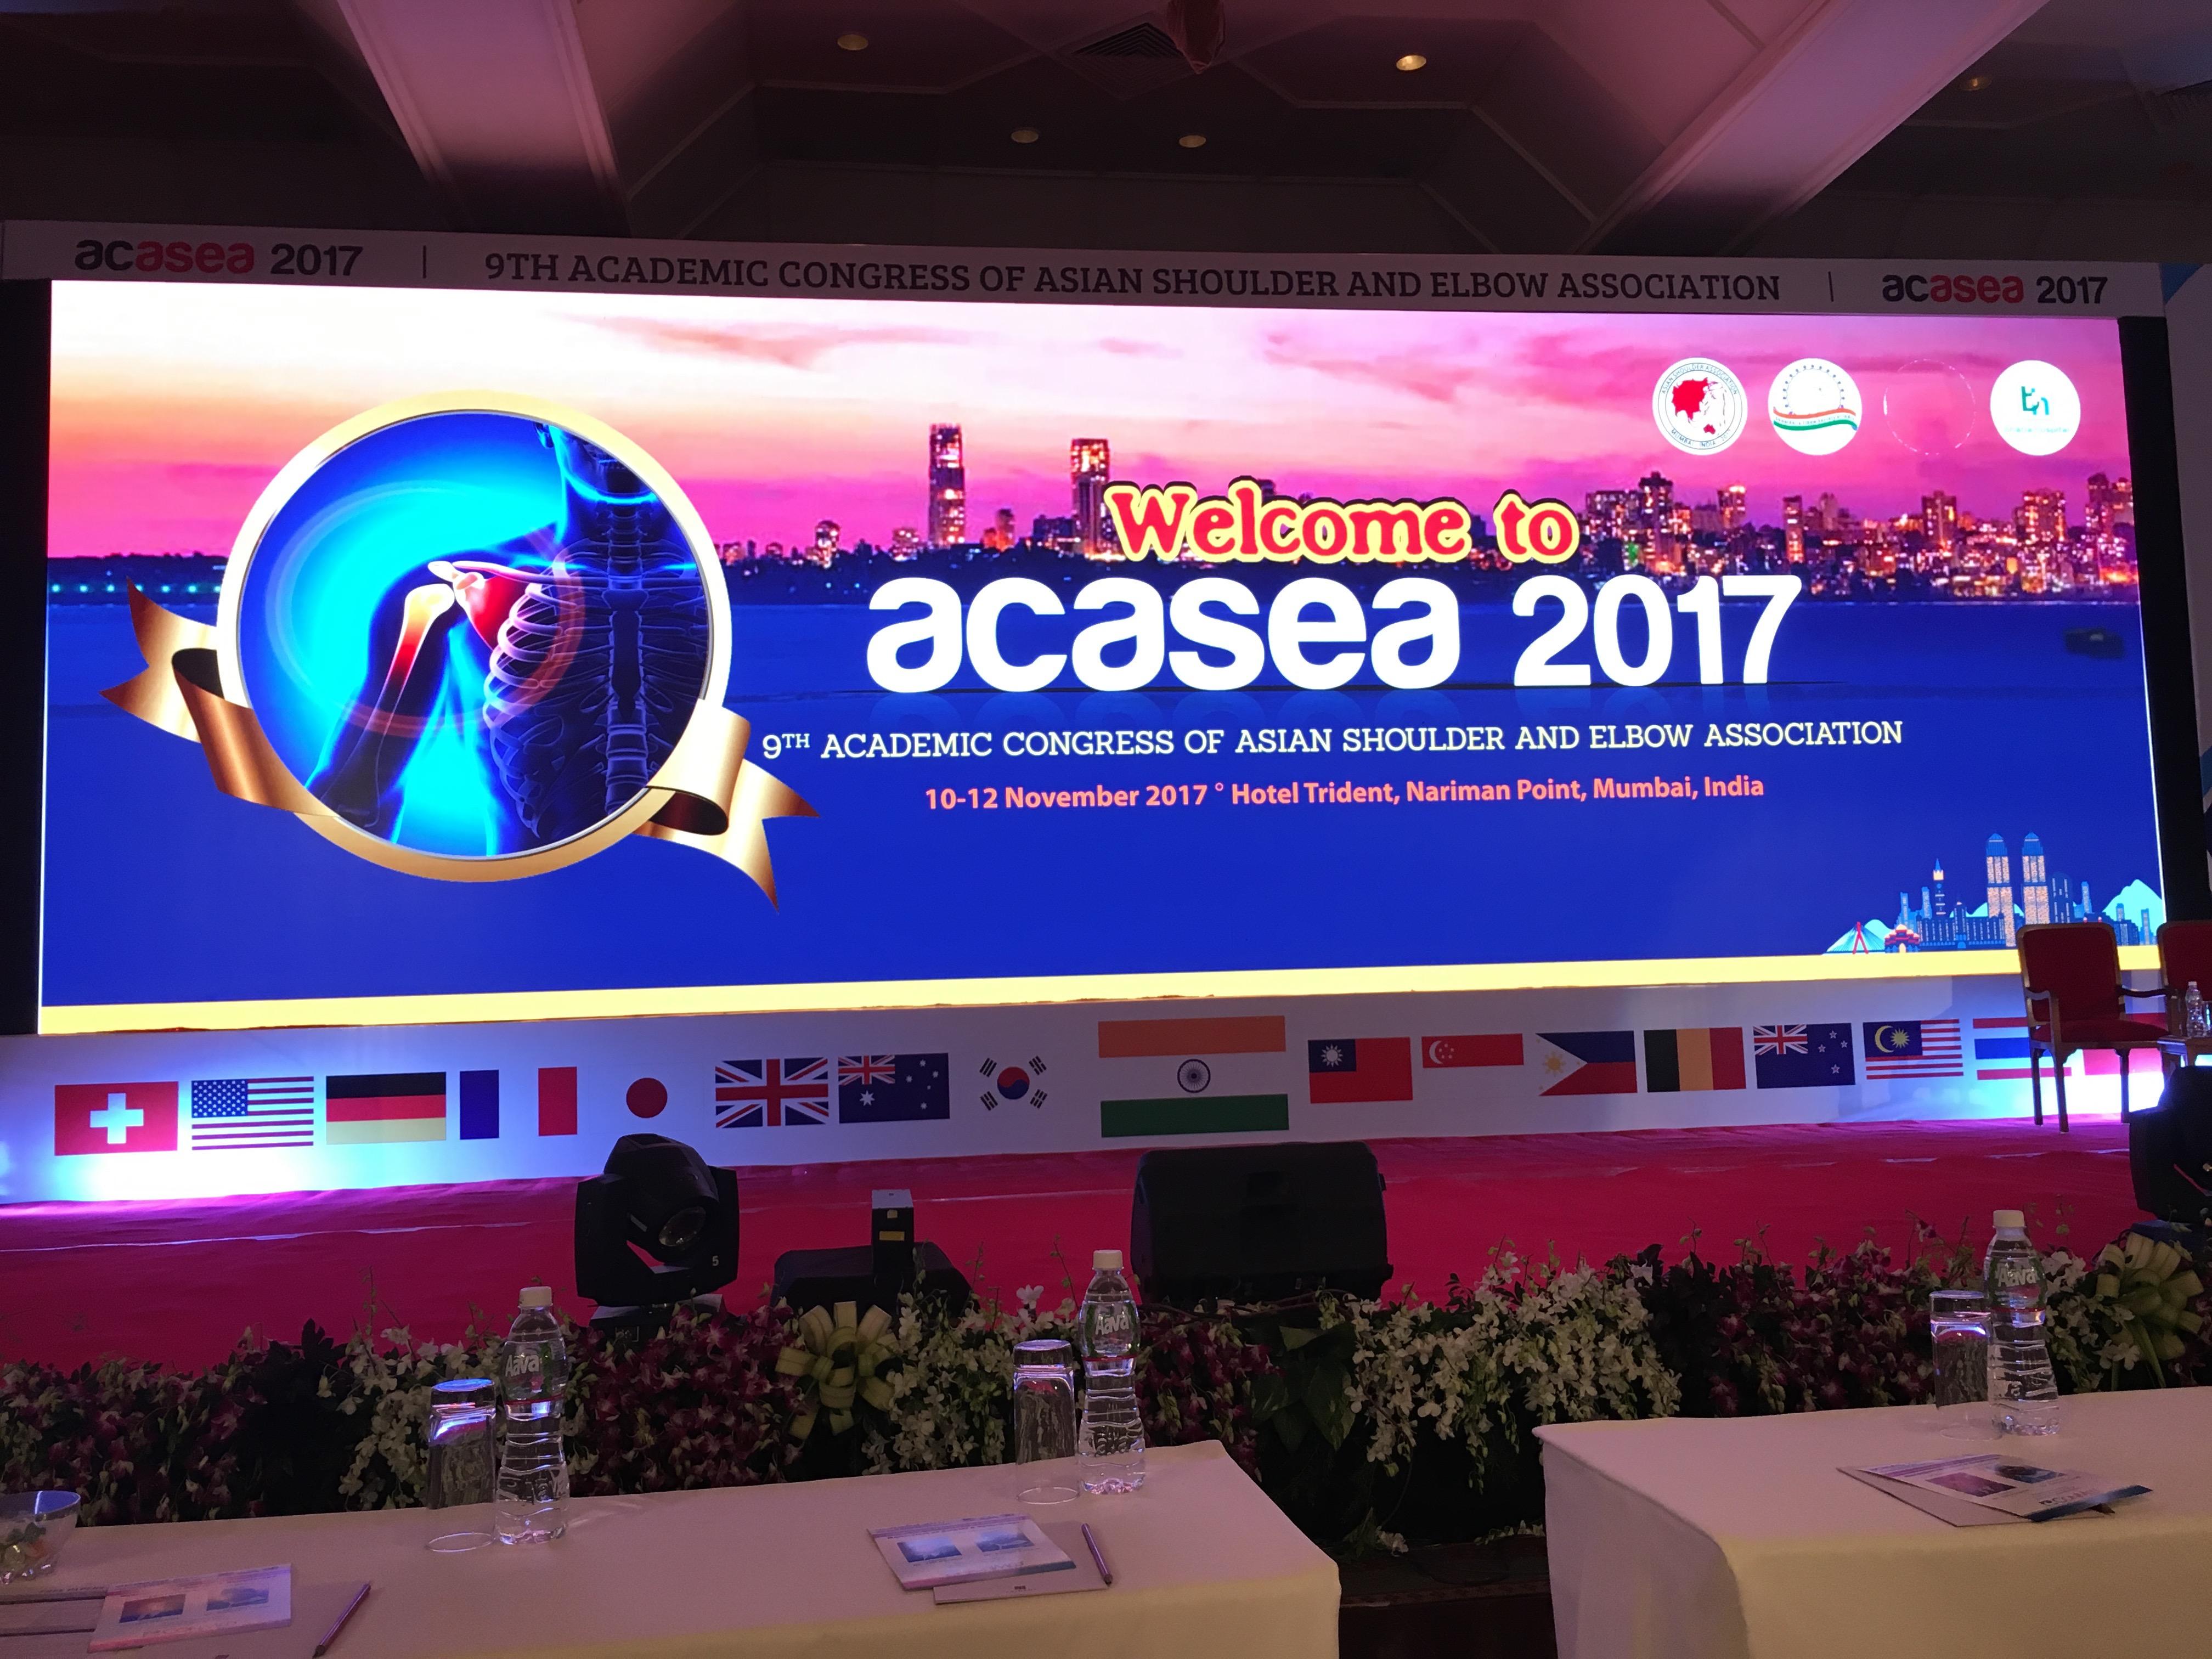 ACASEA 2017